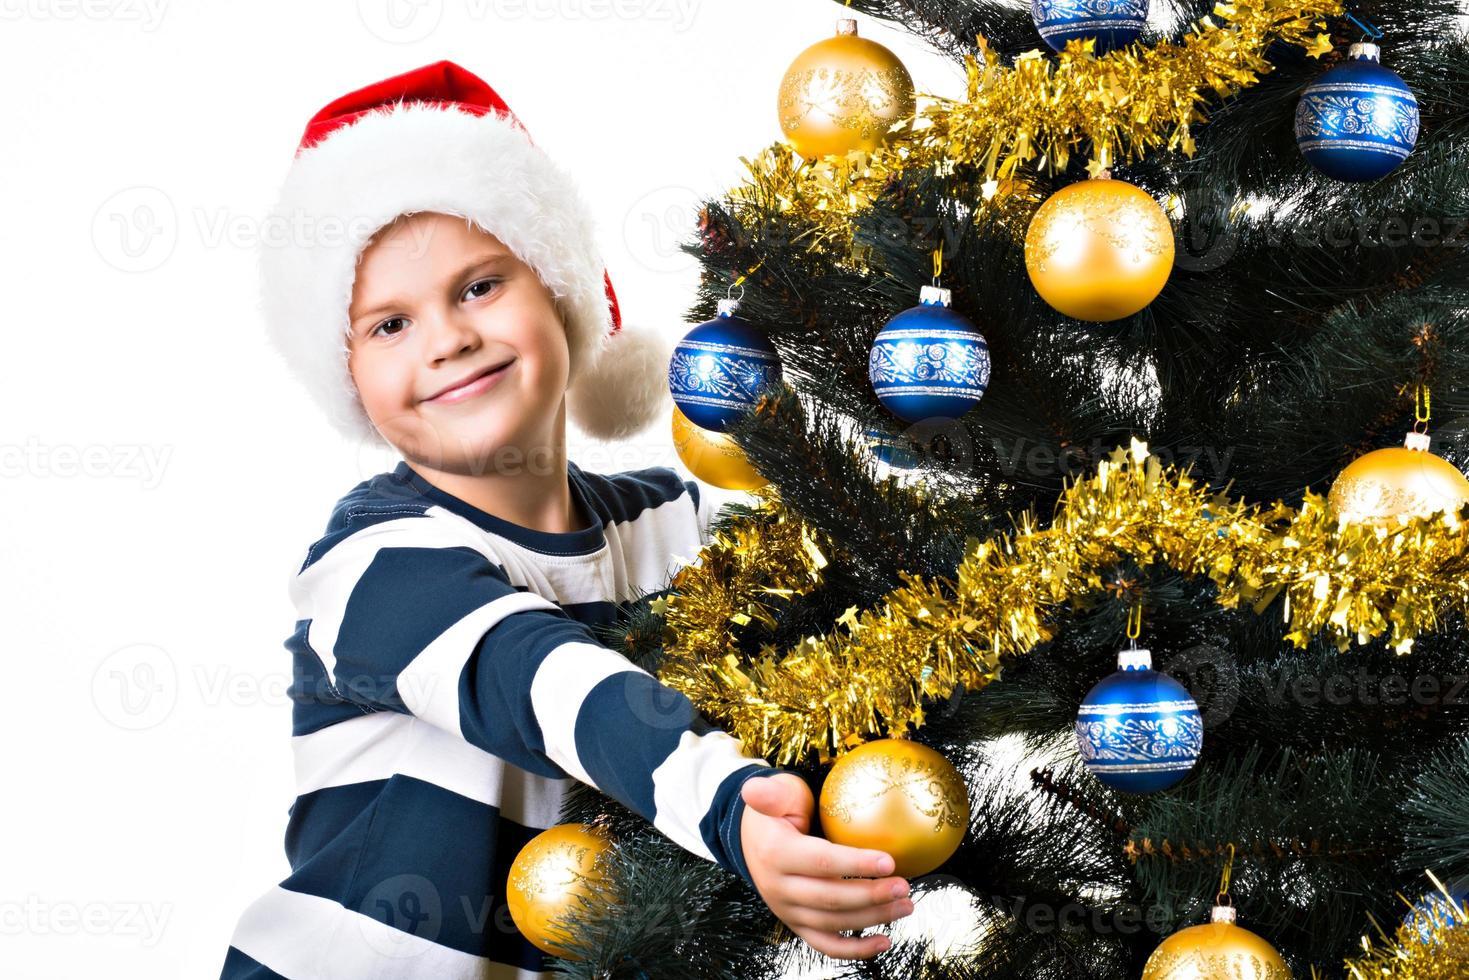 glückliches Kind mit Geschenk nahe dem Weihnachtsbaum foto